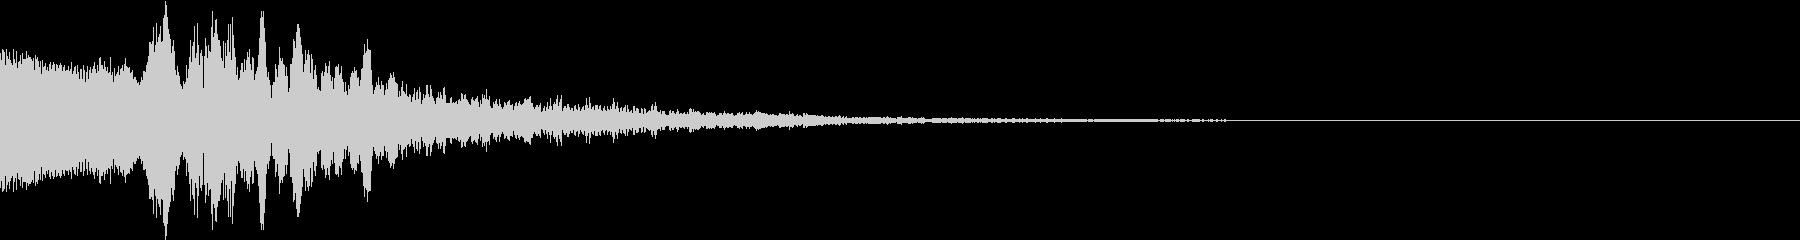 機械を起動したときの起動音の未再生の波形